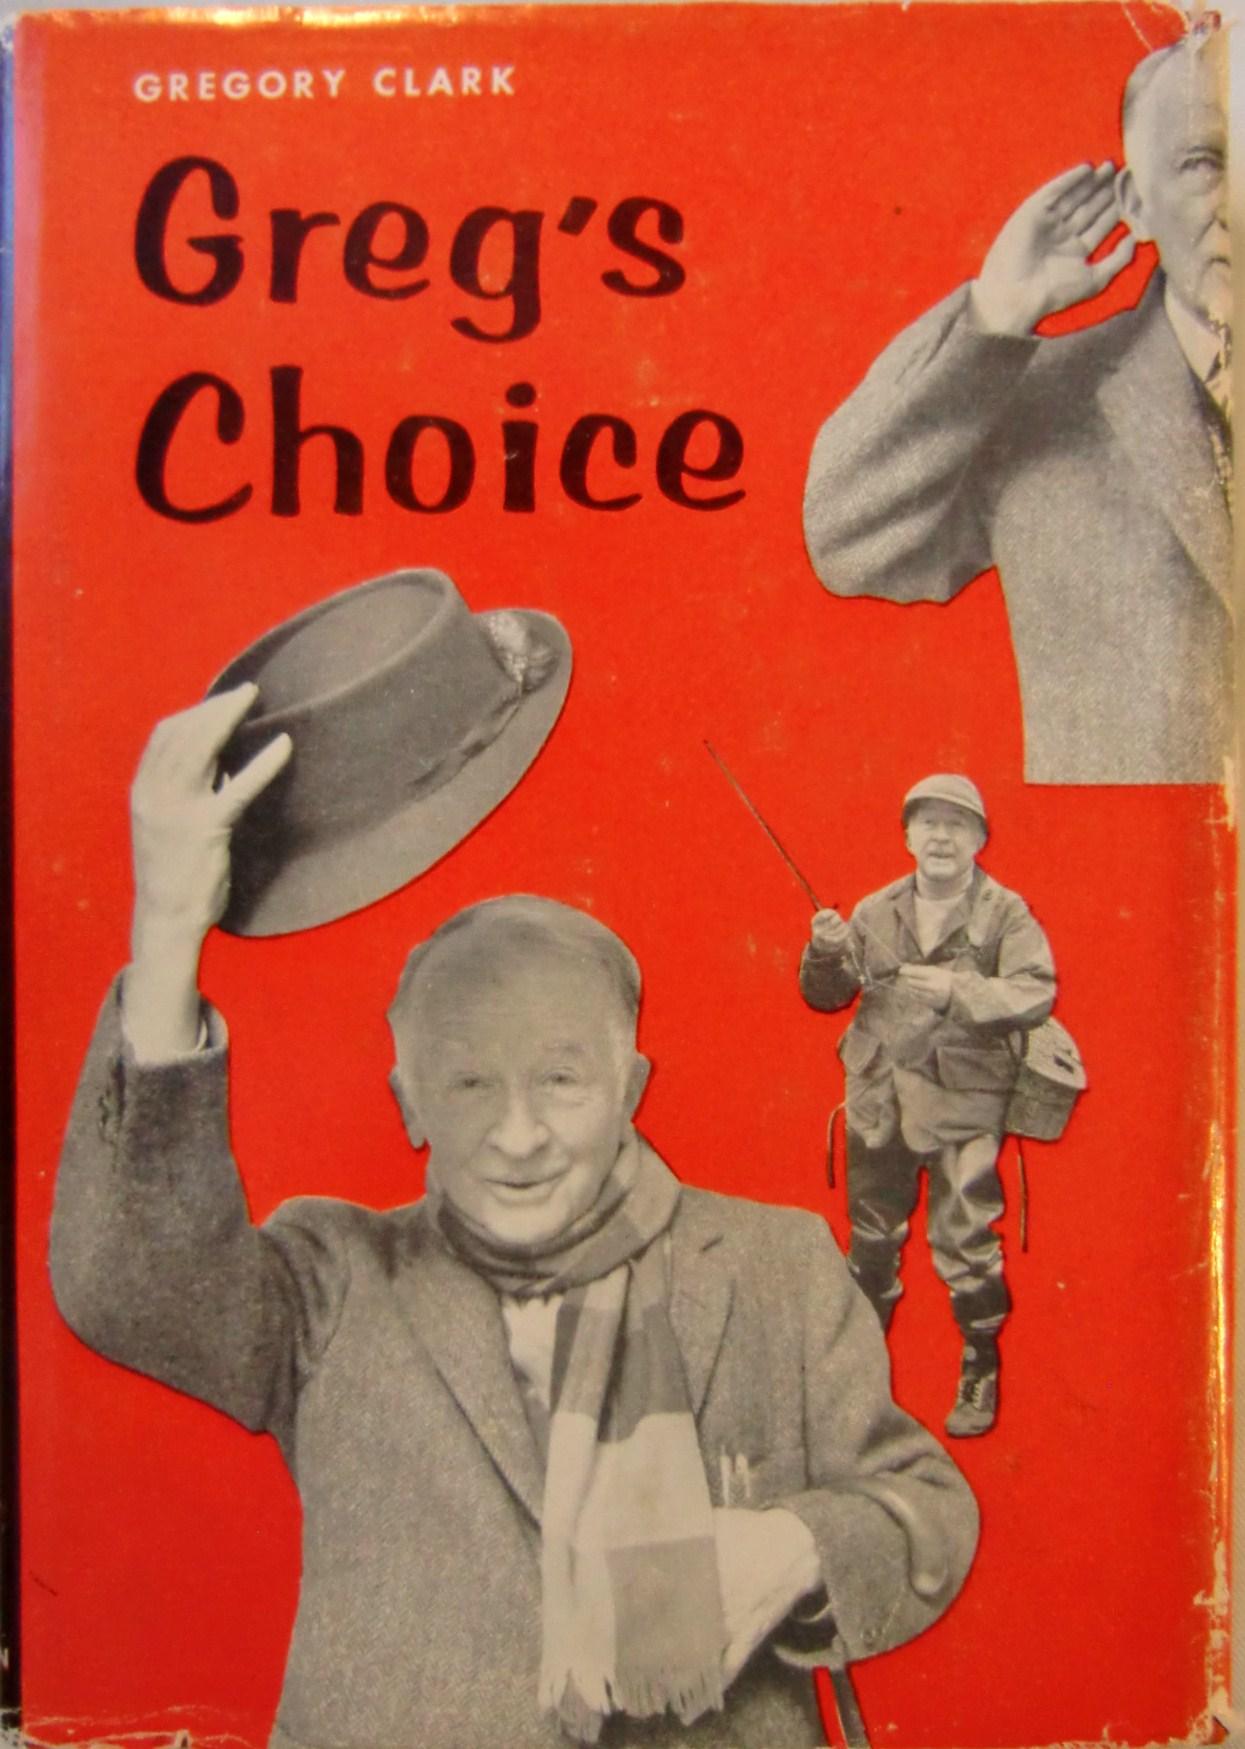 Greg's Choice